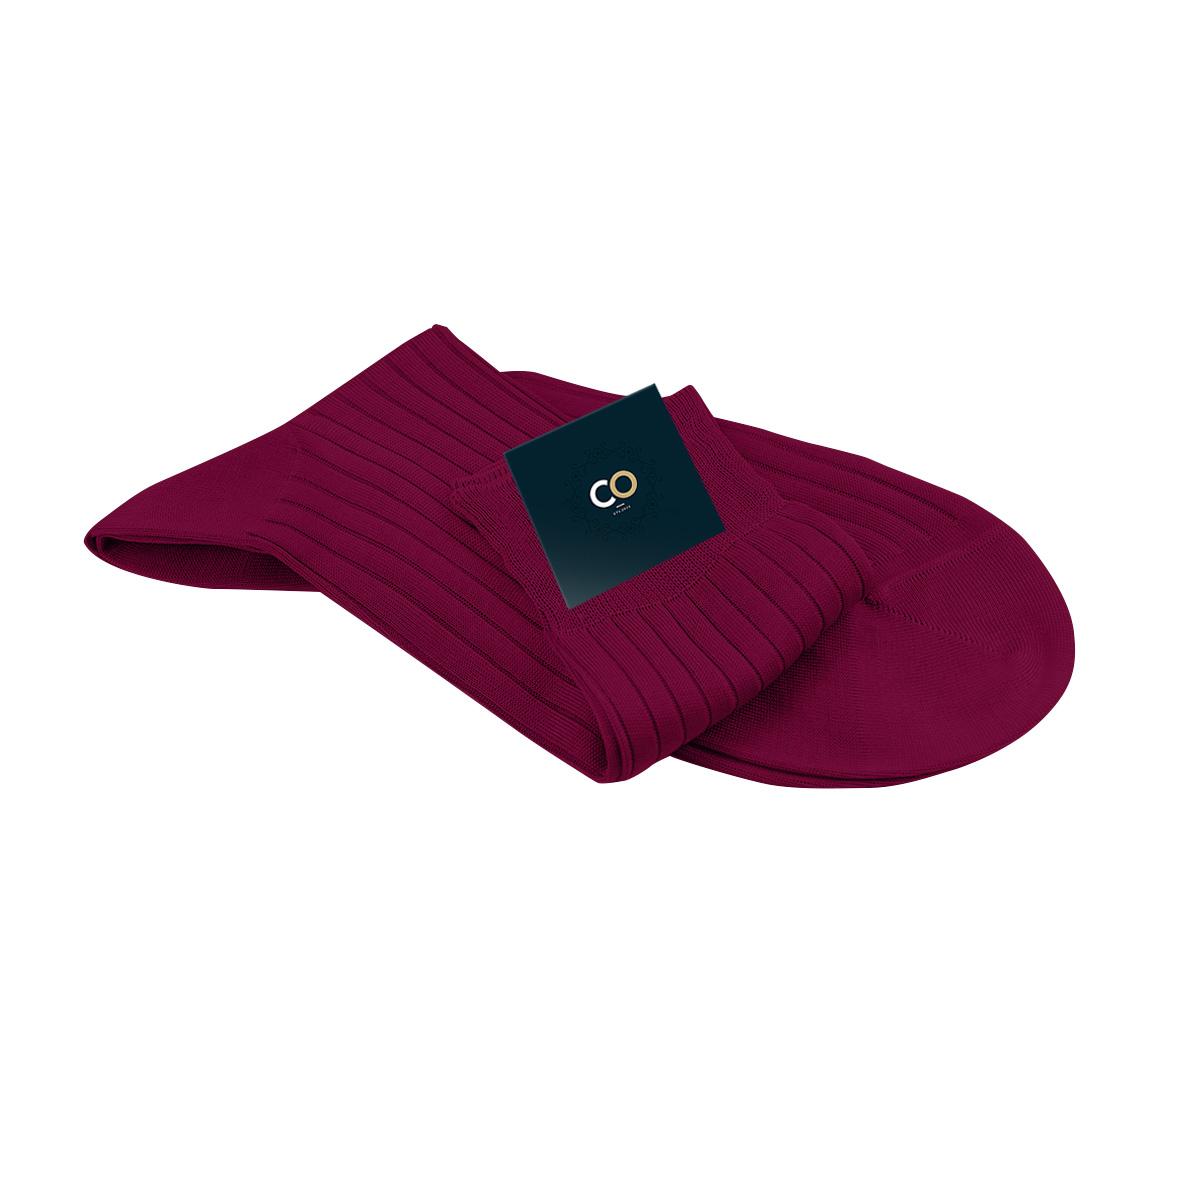 Chaussette rouge foncé, Rubis